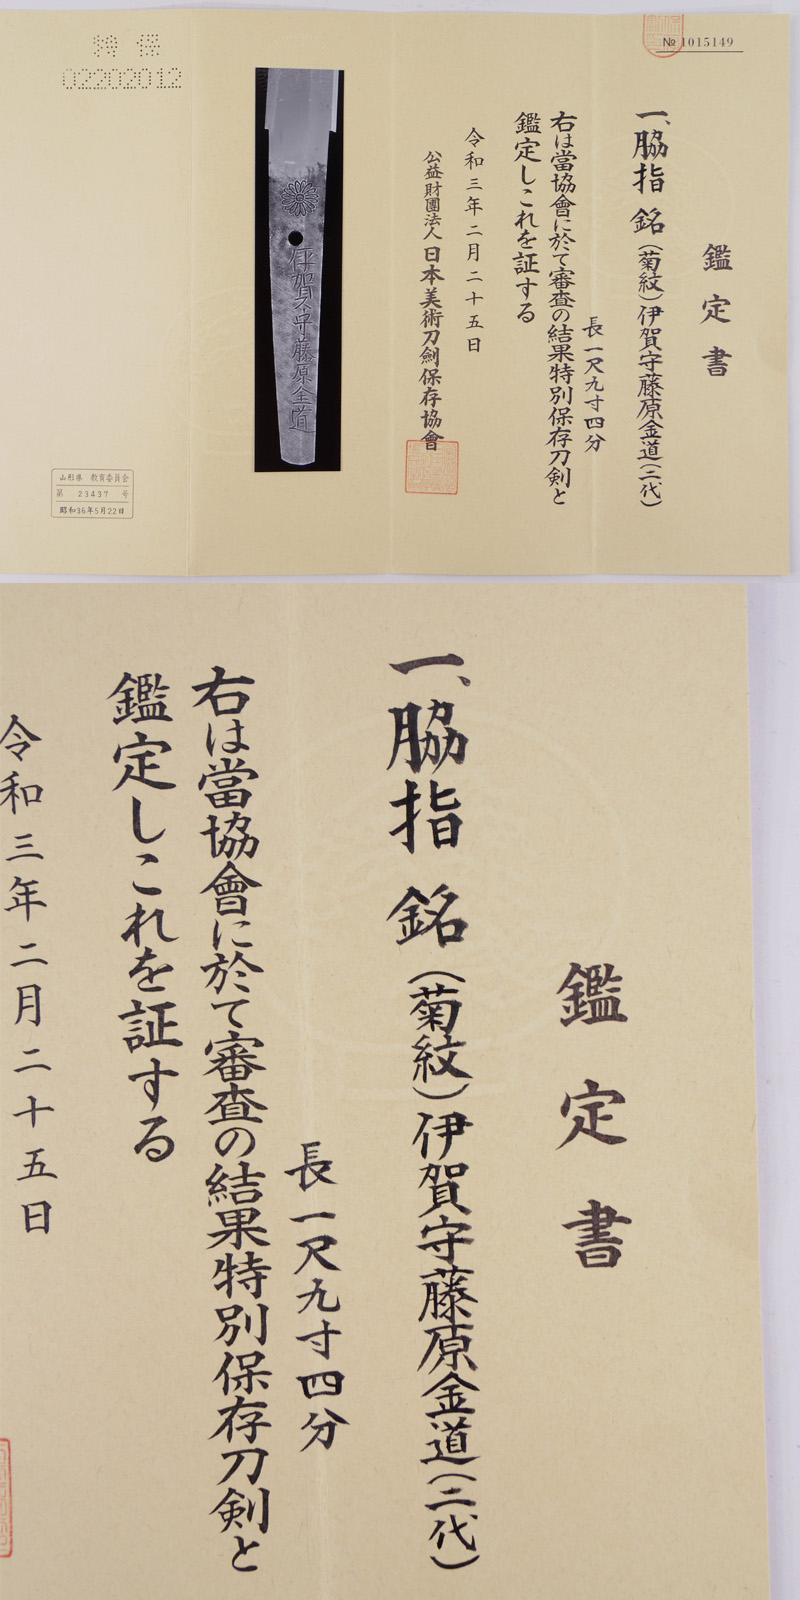 脇差 (菊紋)伊賀守藤原金道(二代) (業物) Picture of Certificate